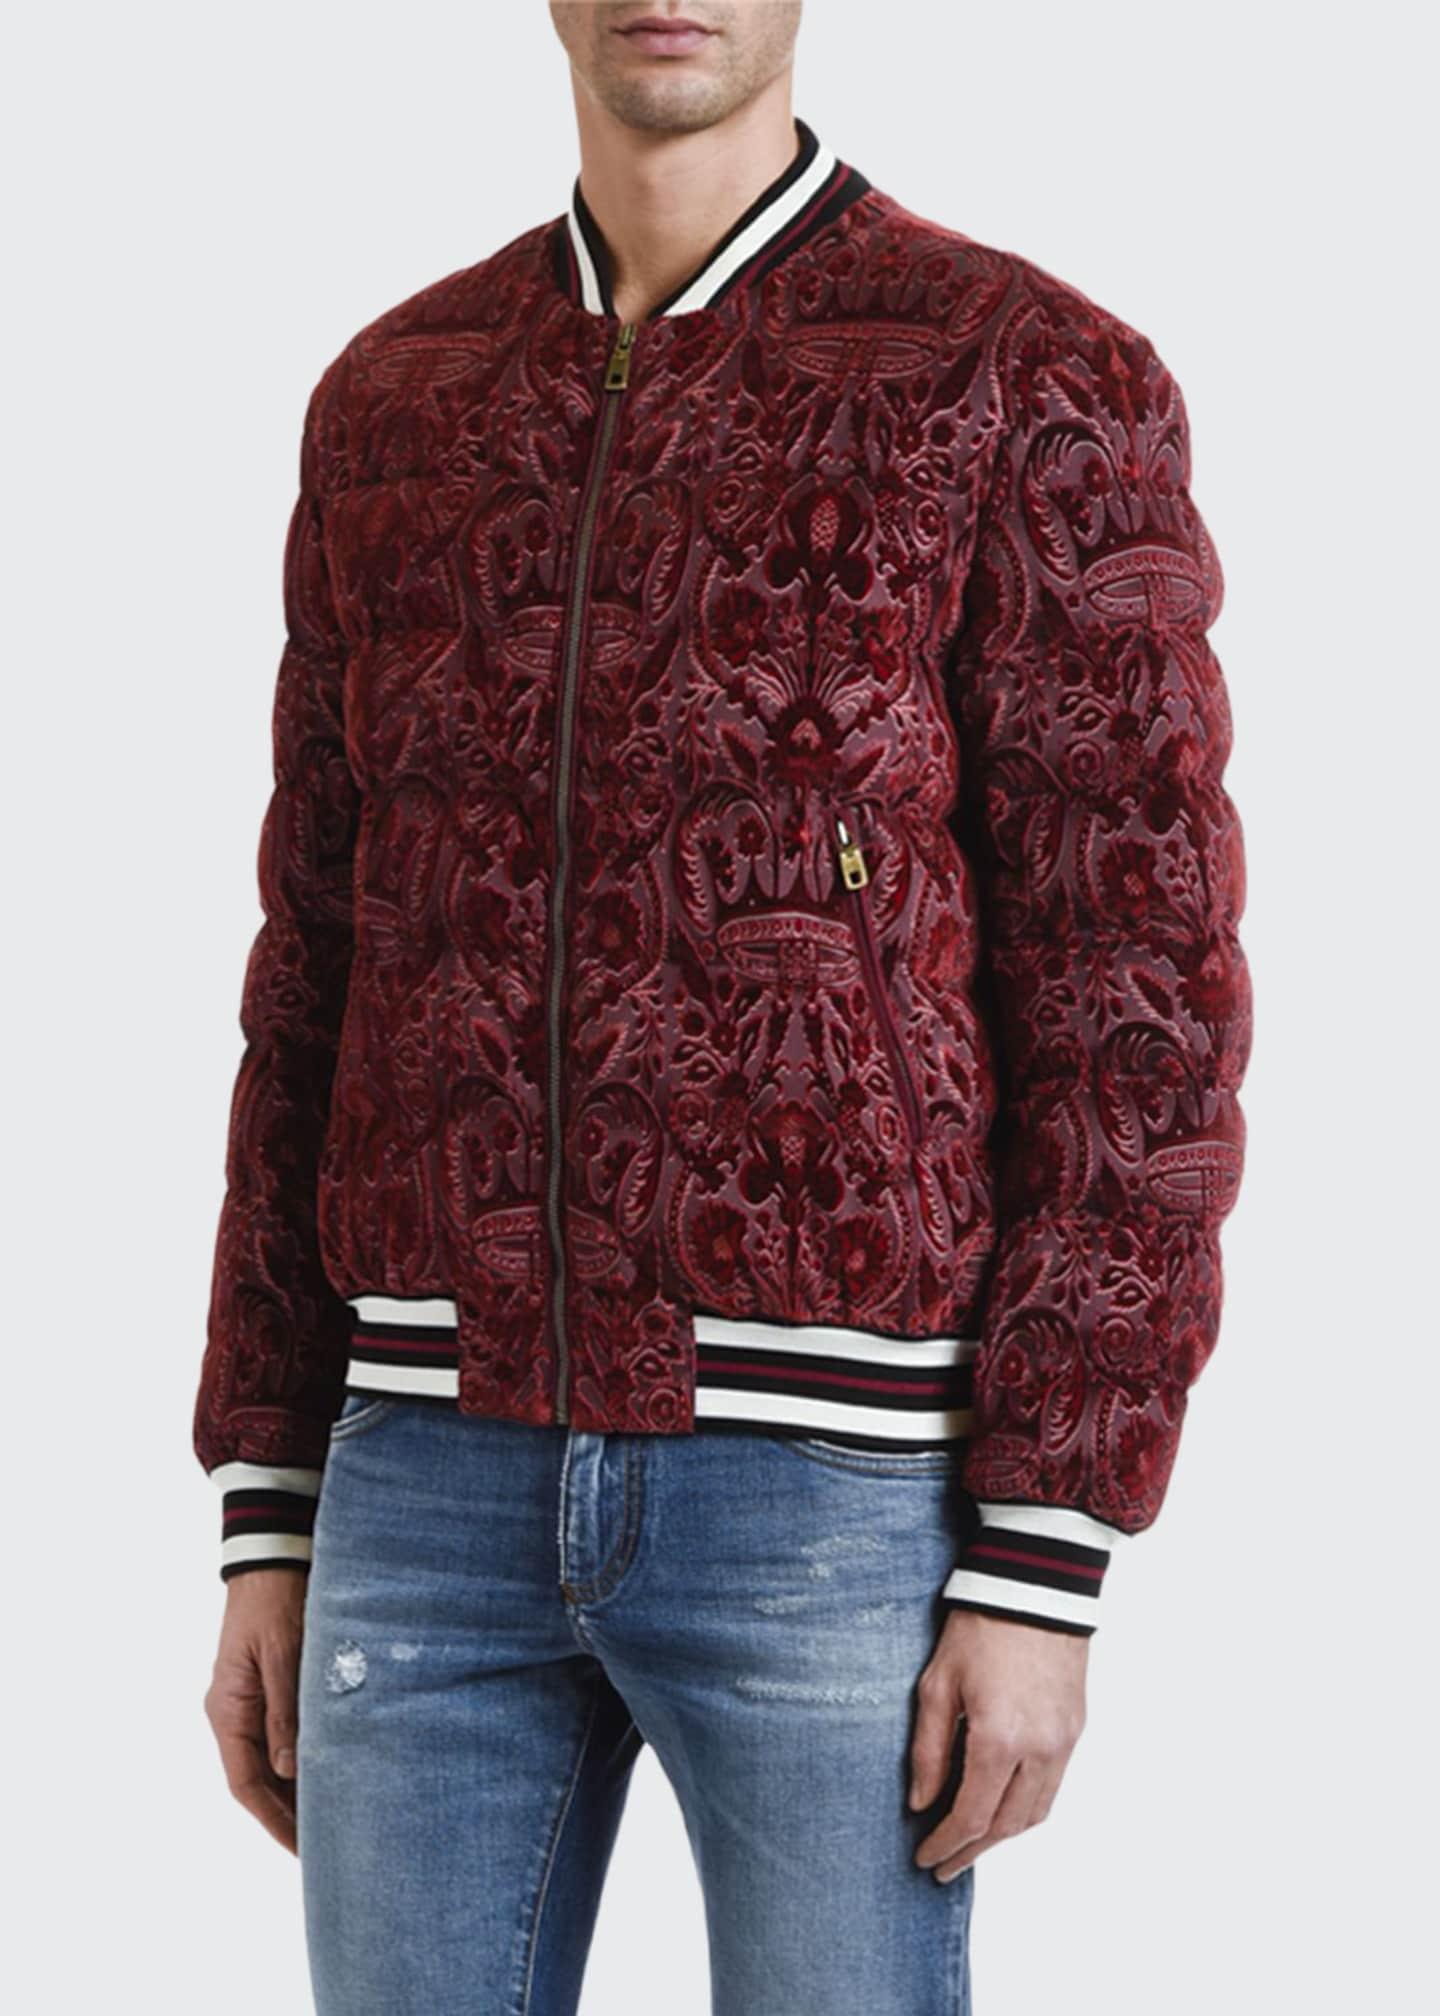 Dolce & Gabbana Men's Felted Brocade Puffer Bomber